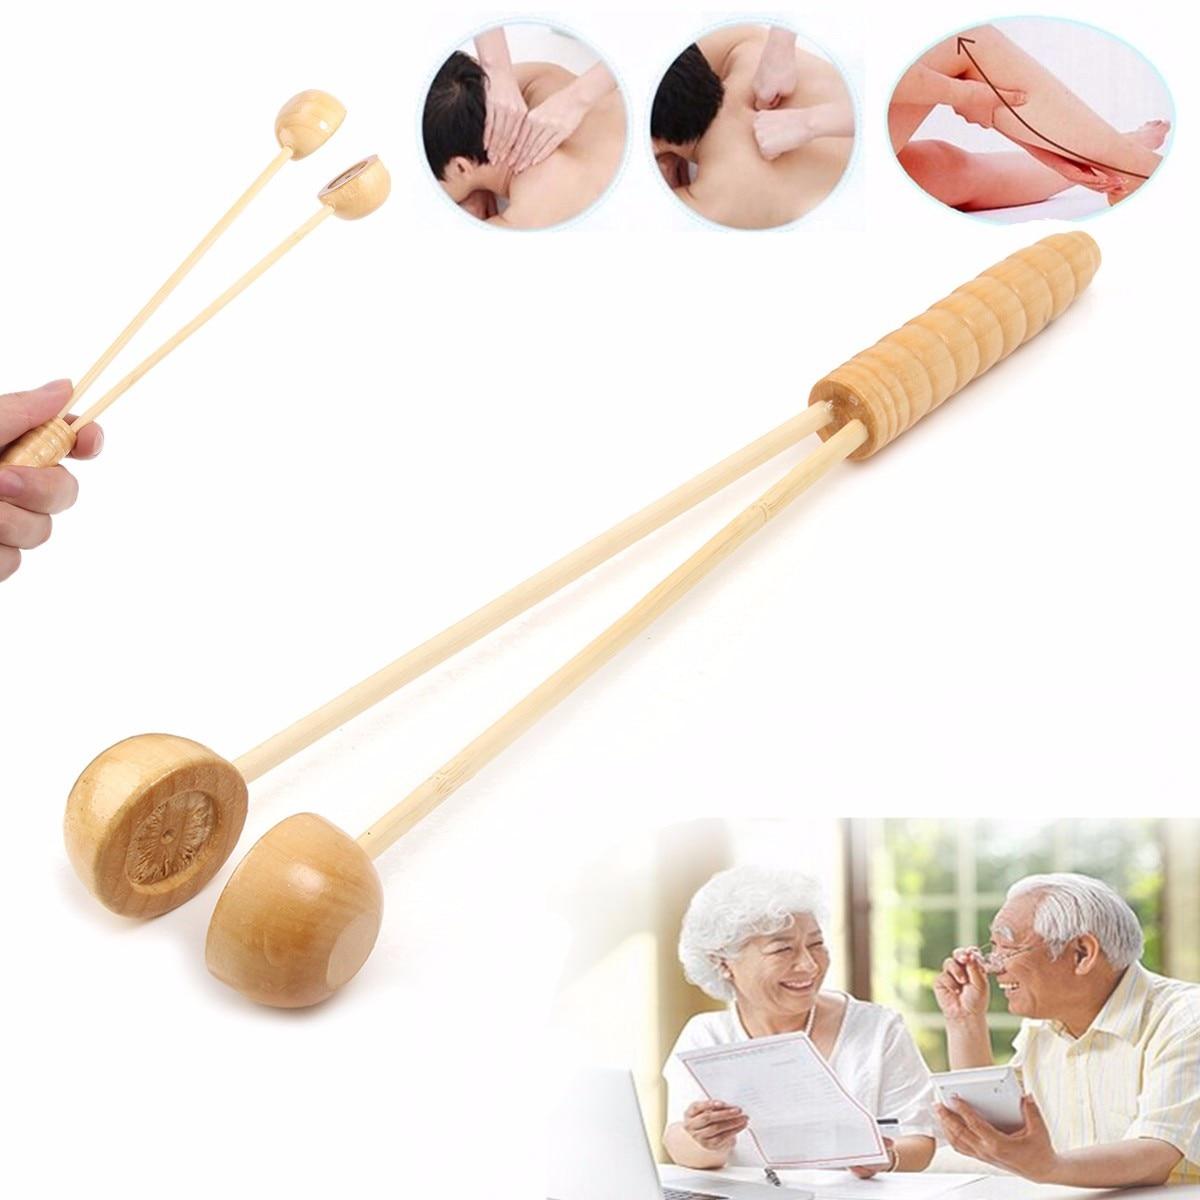 Holz Stick Gesundheit Care Body Massage Hammer Fördern Die Durchblutung Beat Reflexzonenmassage Hand Fuß Körper Stress Relief Entspannen